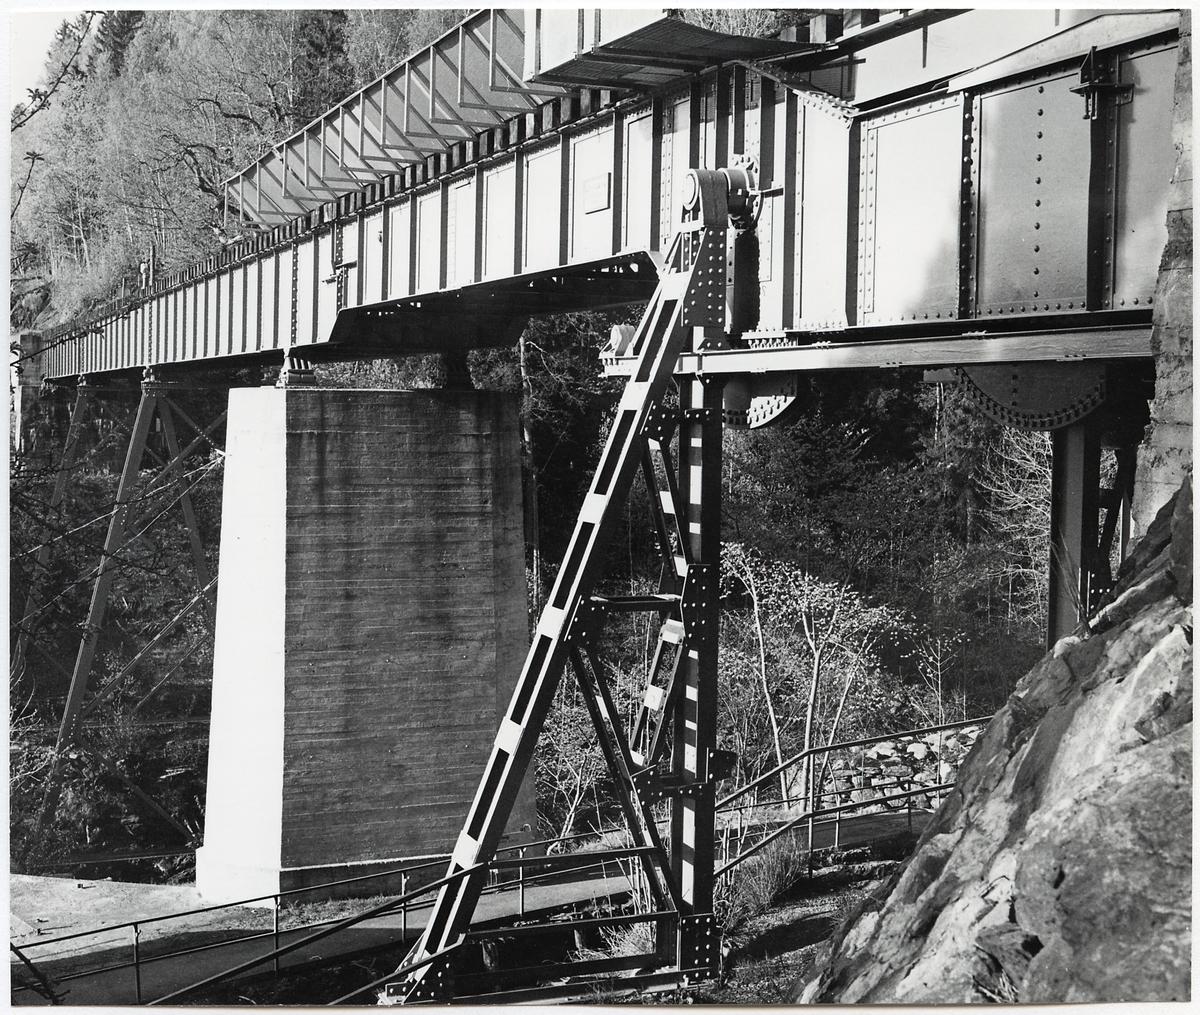 Järnvägsbro över Dalslands kanal och Upperudsälven på linjen mellan Årjäng och Mellerud.